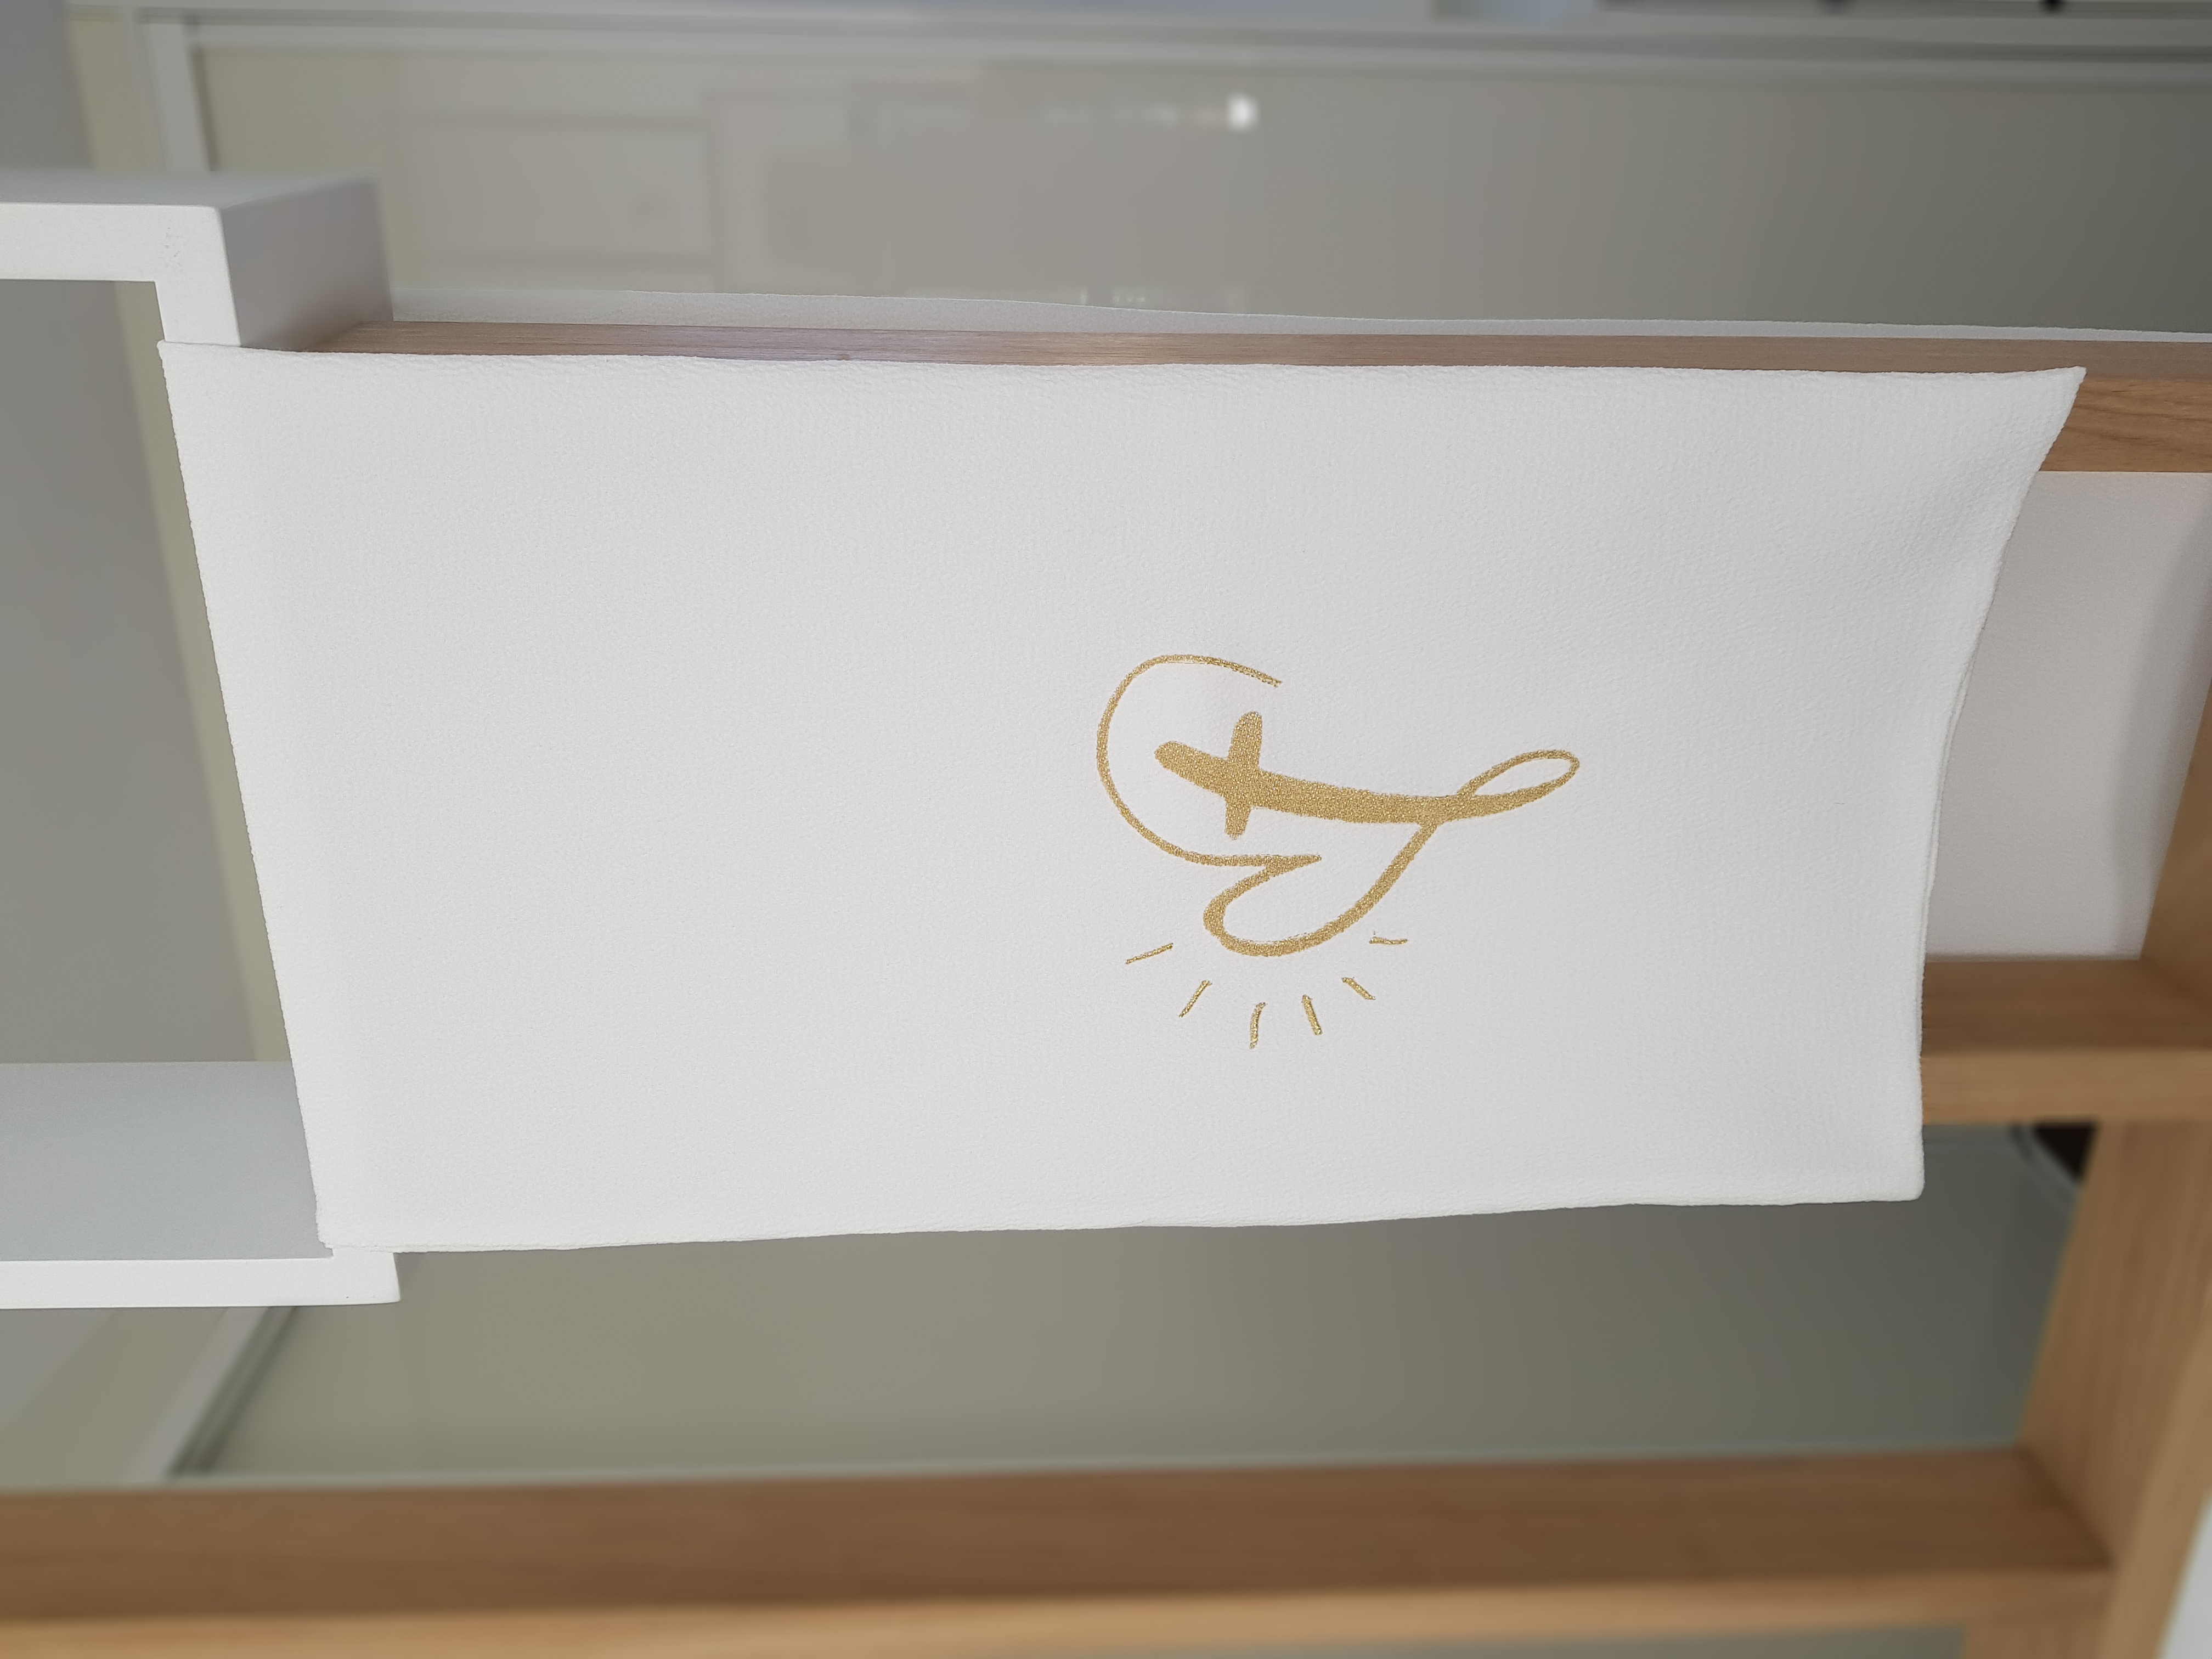 Etole Box capel/silva